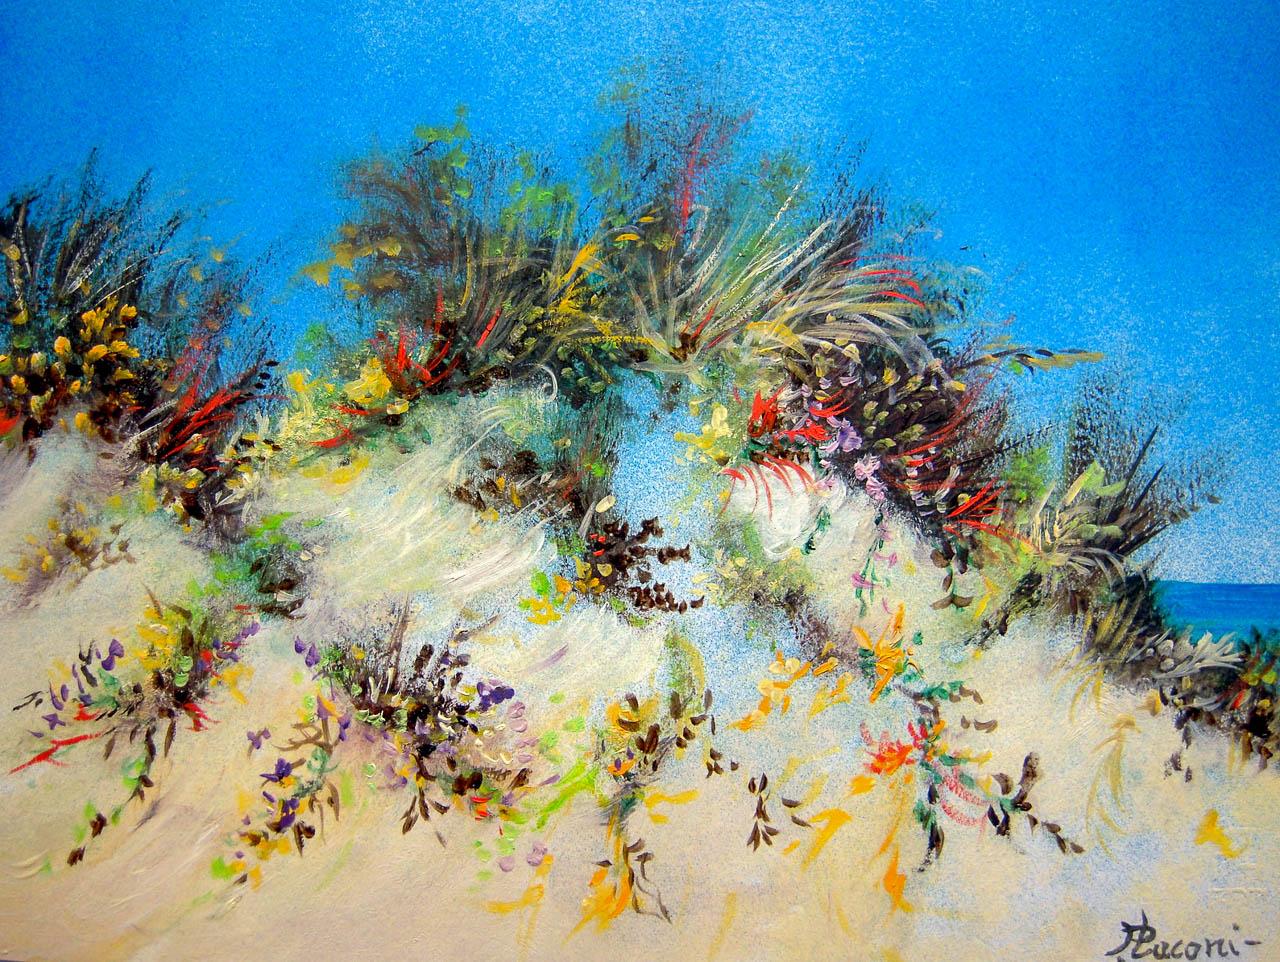 Paesaggio marino [COD. 3025] [33x24 cm] pittura ad olio